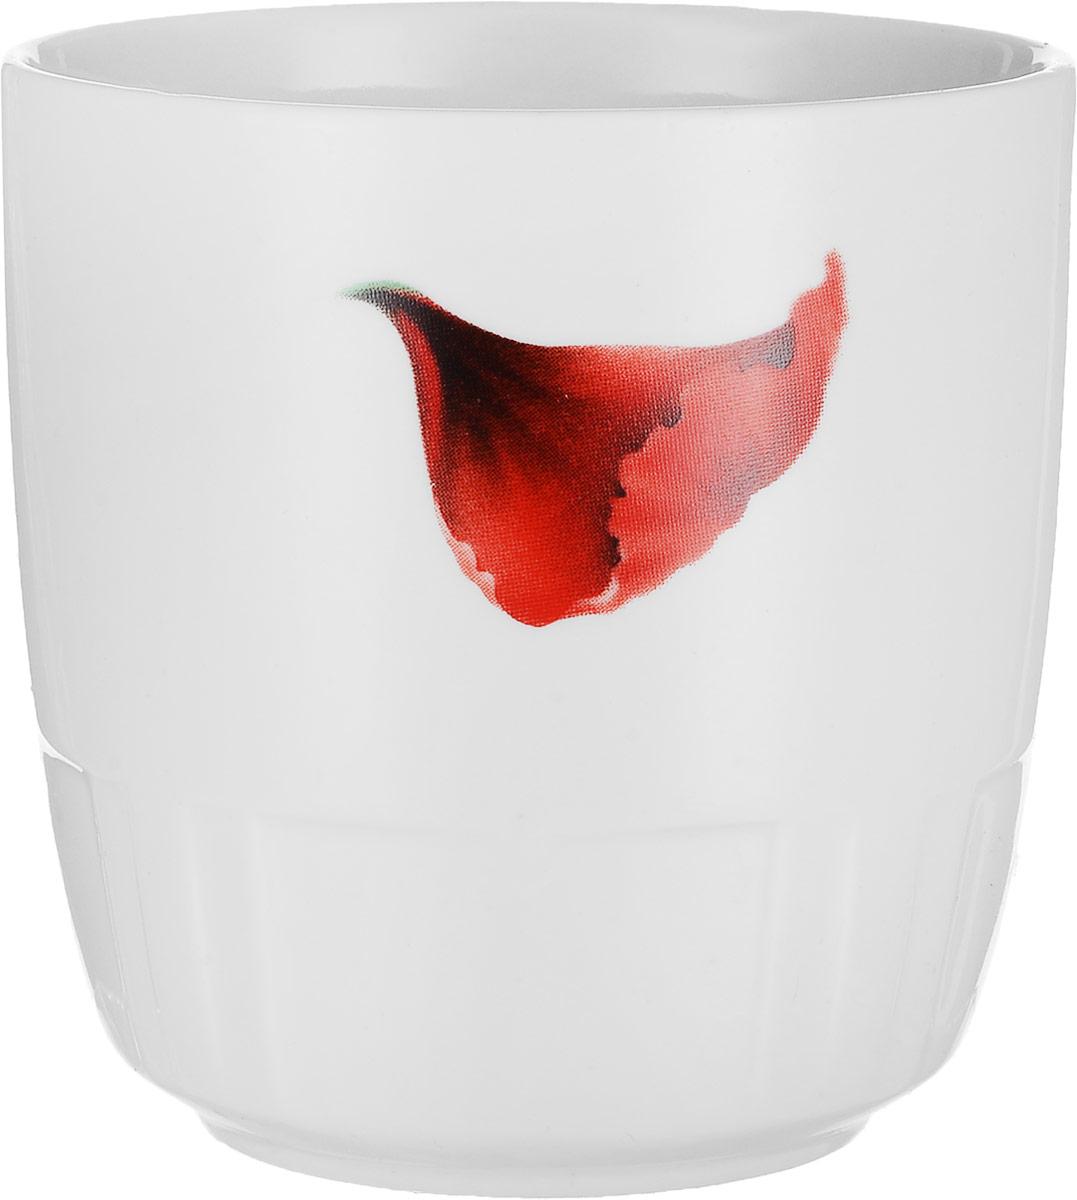 Кружка Фарфор Вербилок Маков цвет, 250 мл28660760Красивая кружка Фарфор Вербилок Маков цвет способна скрасить любое чаепитие. Изделие выполнено из высококачественного фарфора и украшено цветочным рисунком. Посуда из такого материала позволяет сохранить истинный вкус напитка, а также помогает ему дольше оставаться теплым. Диаметр по верхнему краю: 8 см. Высота кружки: 8,5 см.